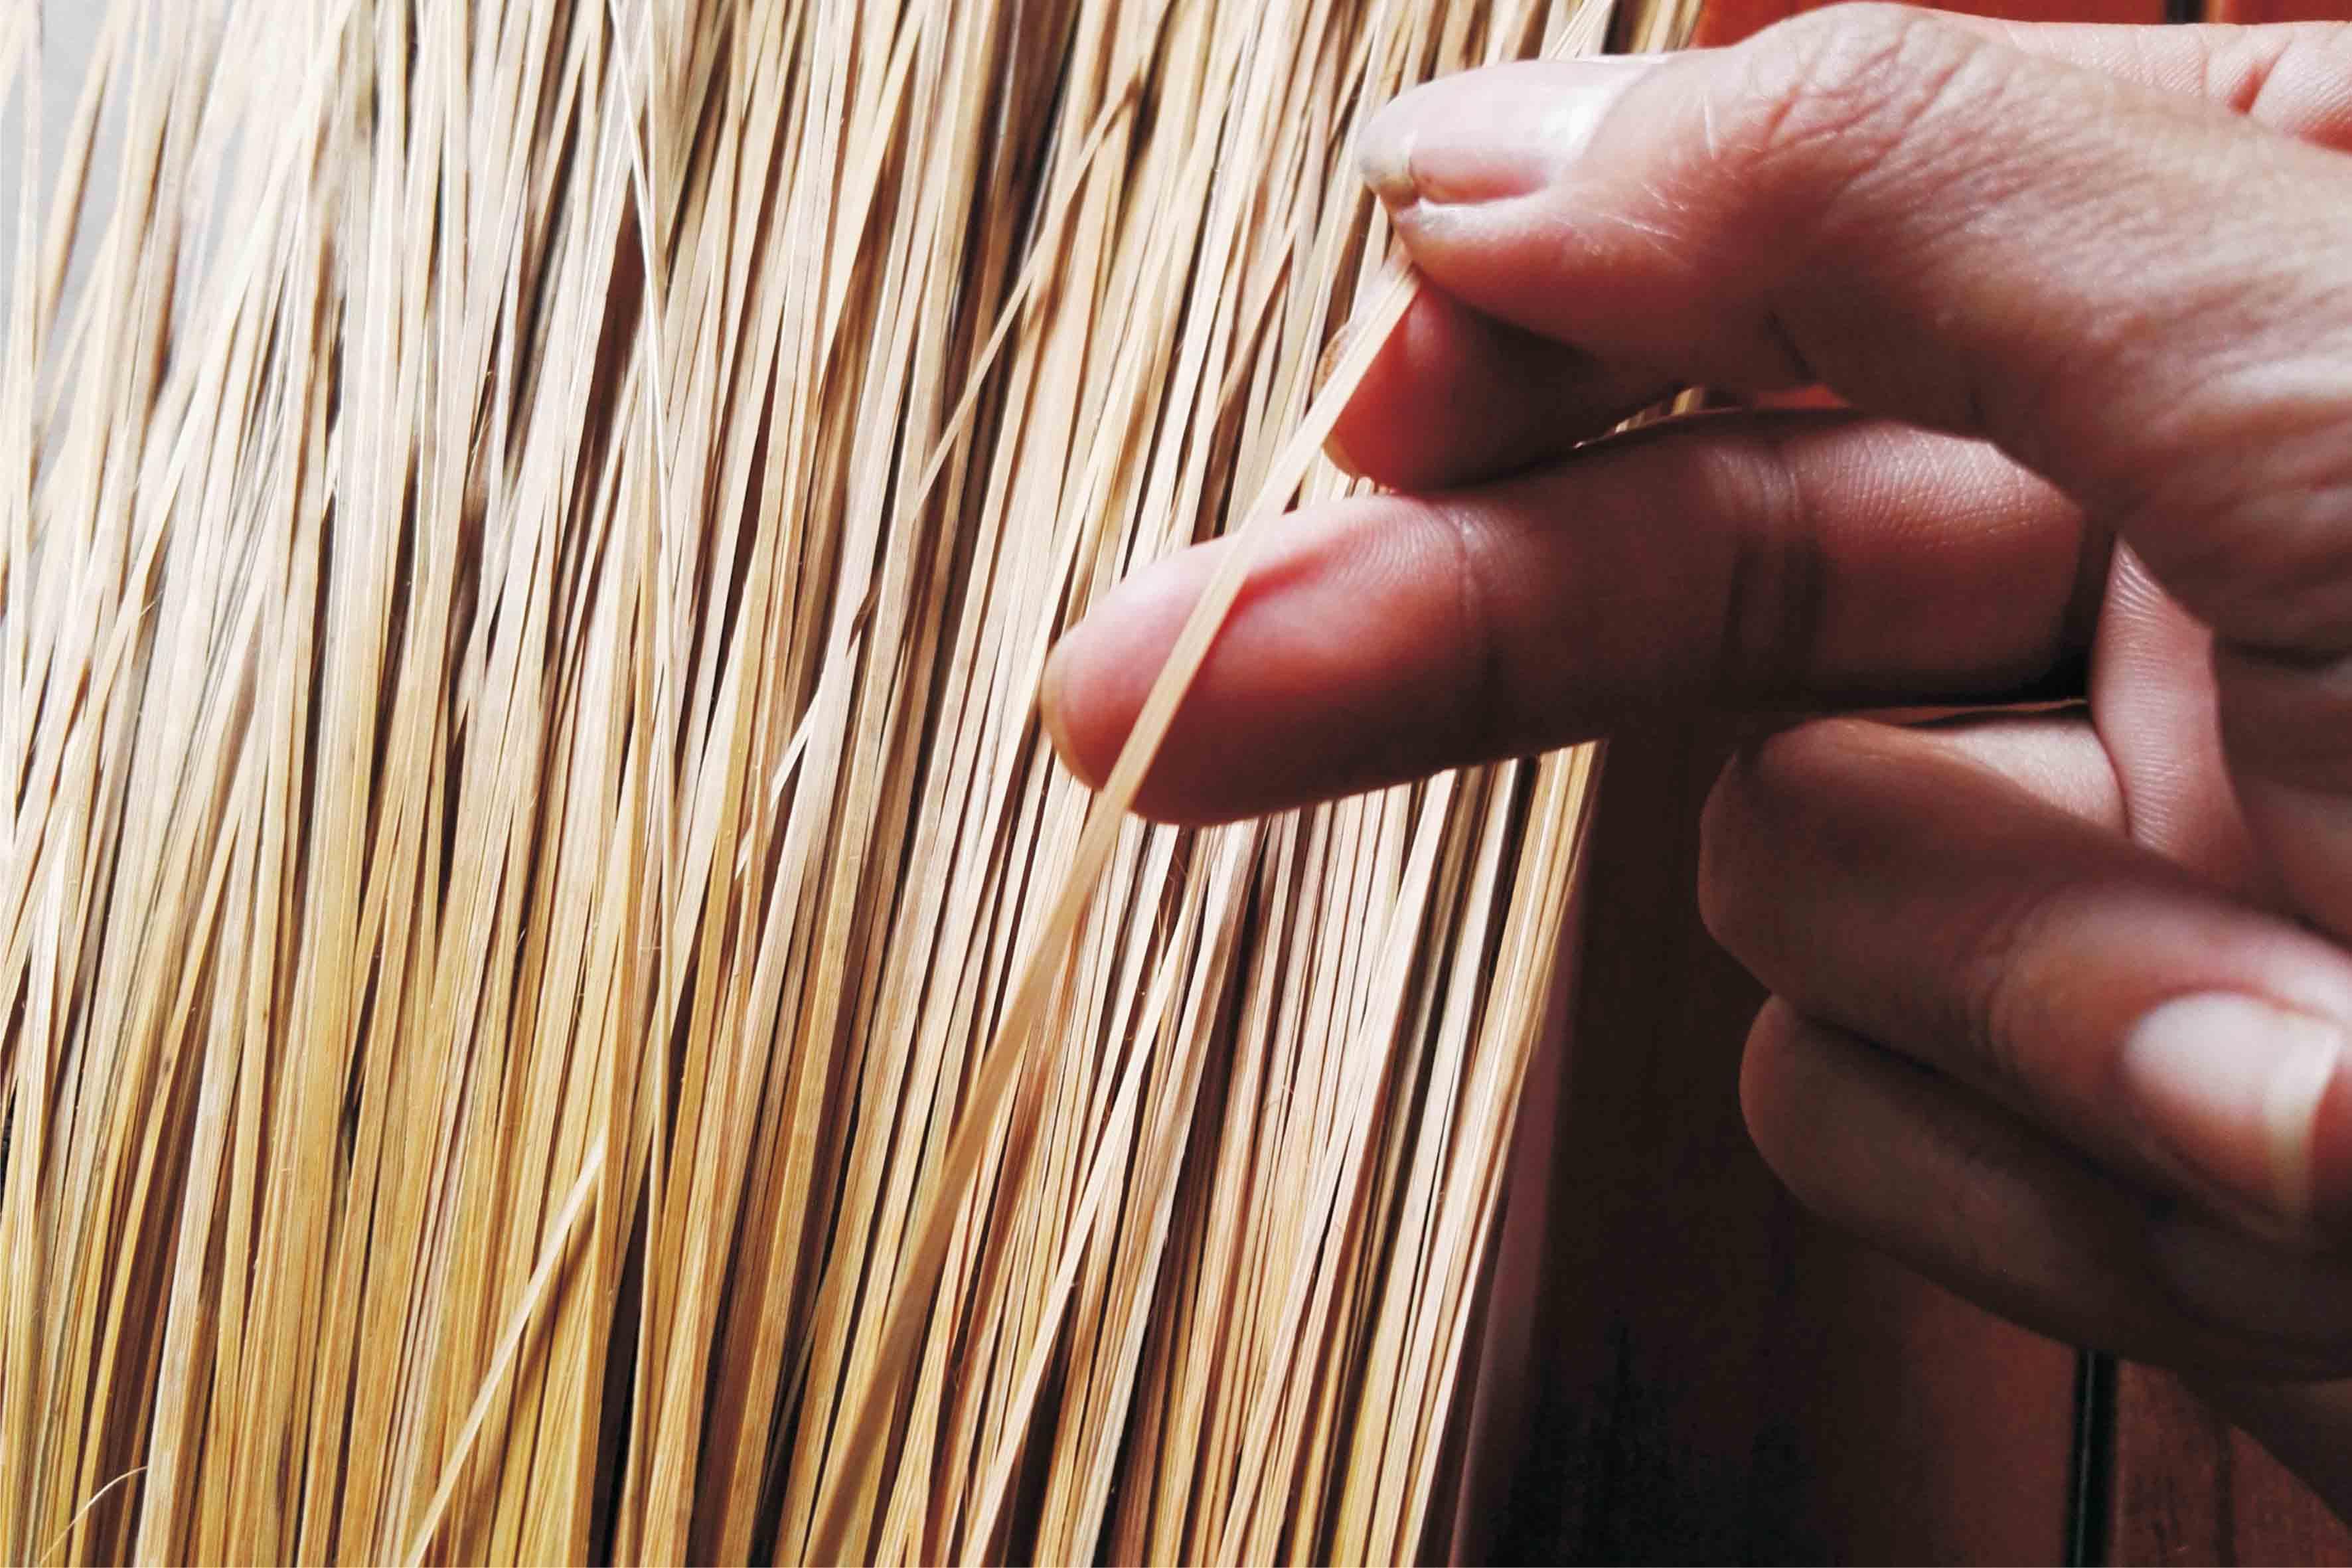 竹絲竹篾竹條編織篾條DIY手工制作瓷胎燈籠竹編無節1100*1.7*0.28mm竹青絲